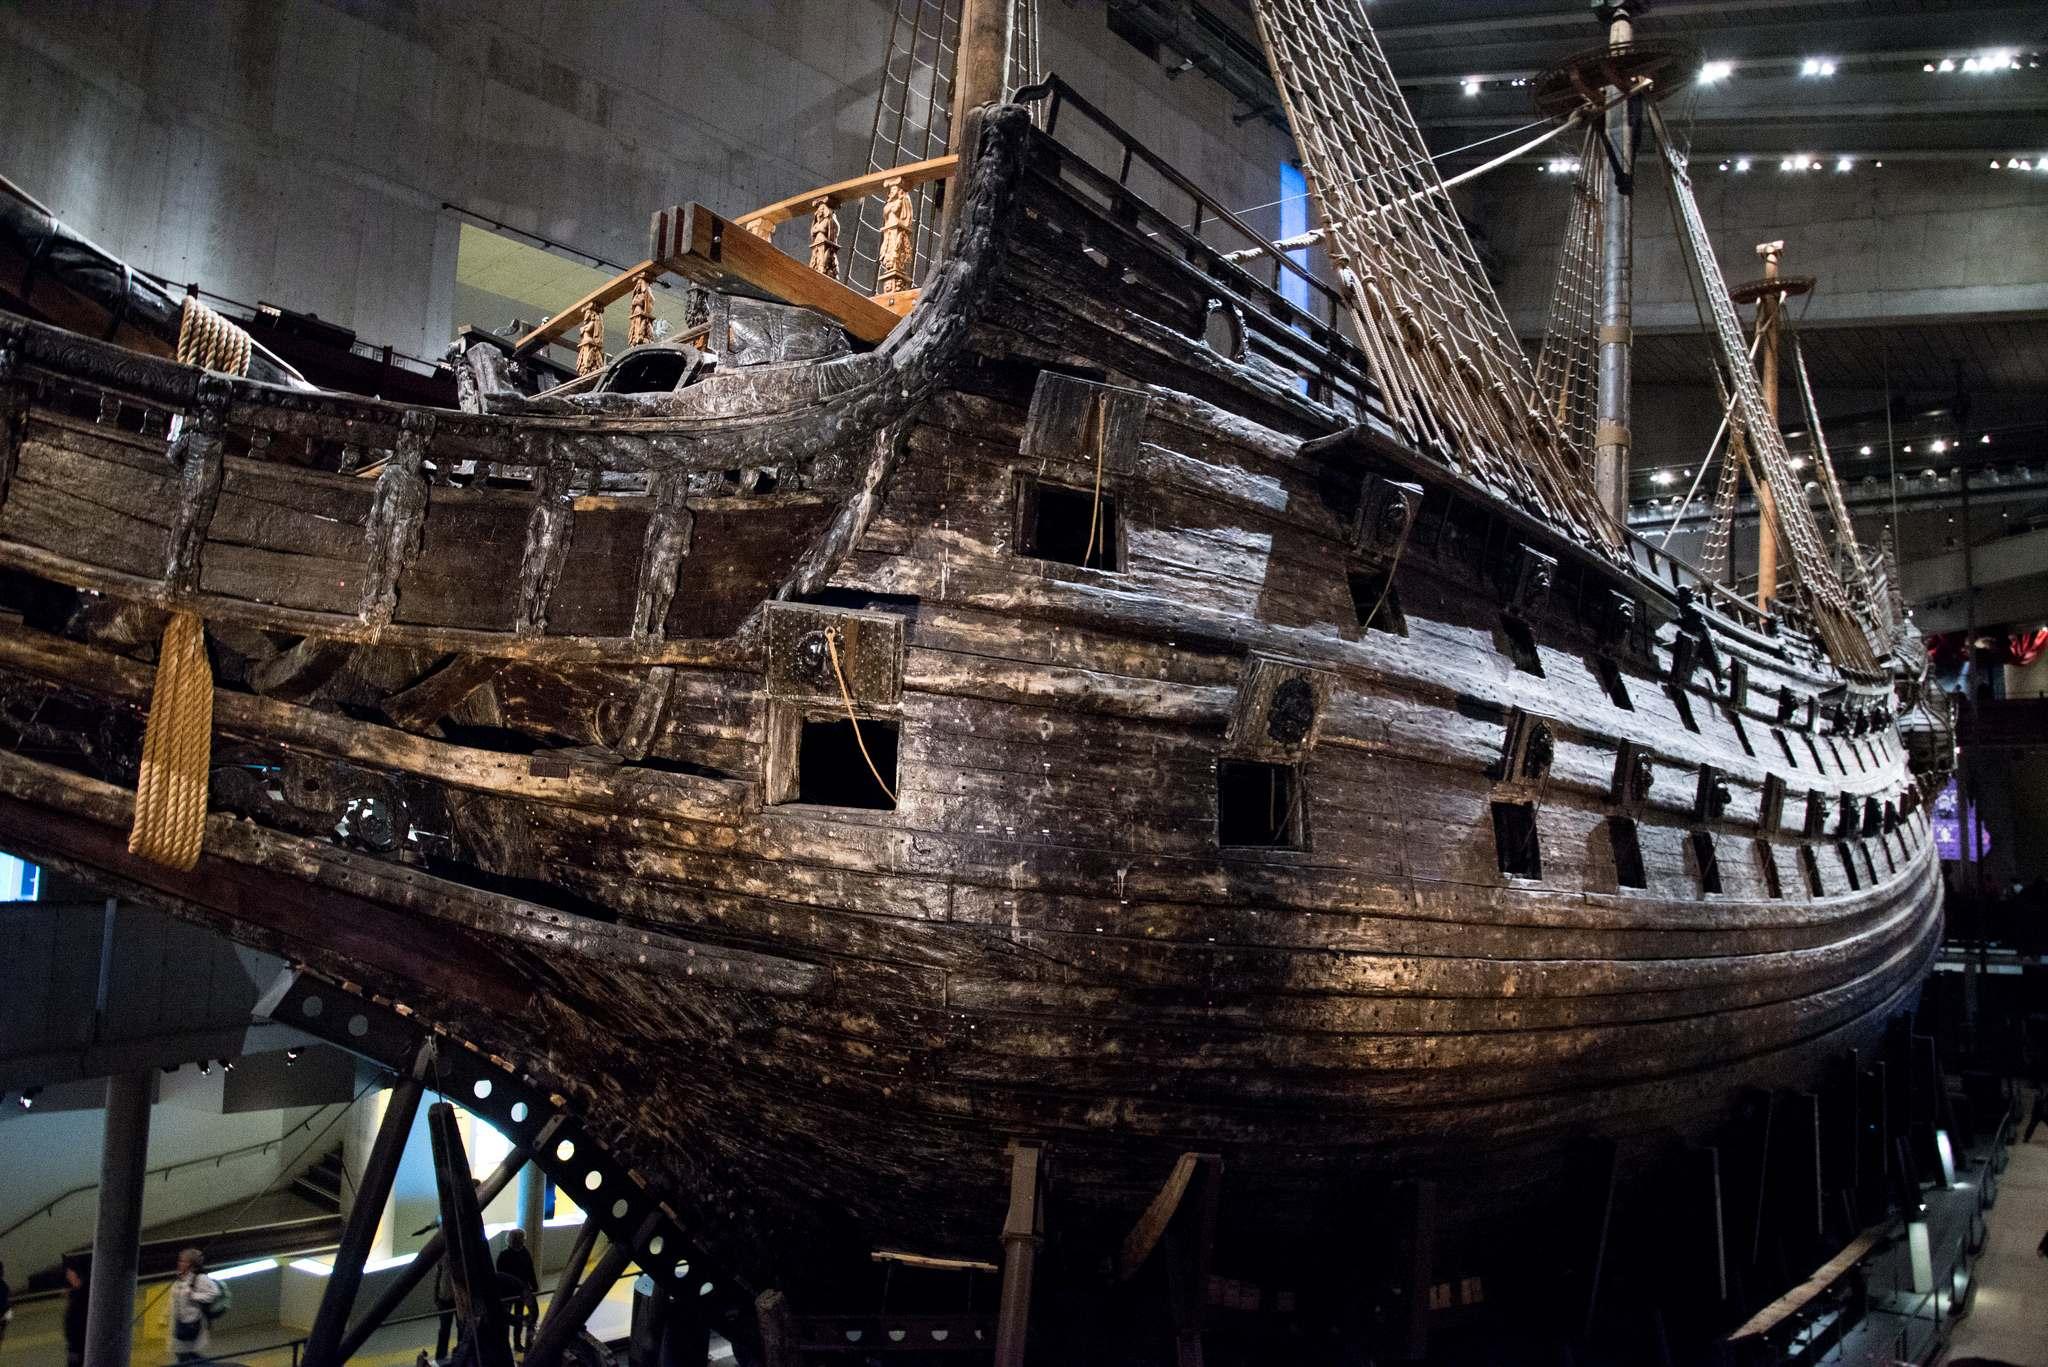 wasa Wasa   Swedish War Ship in Stockholm